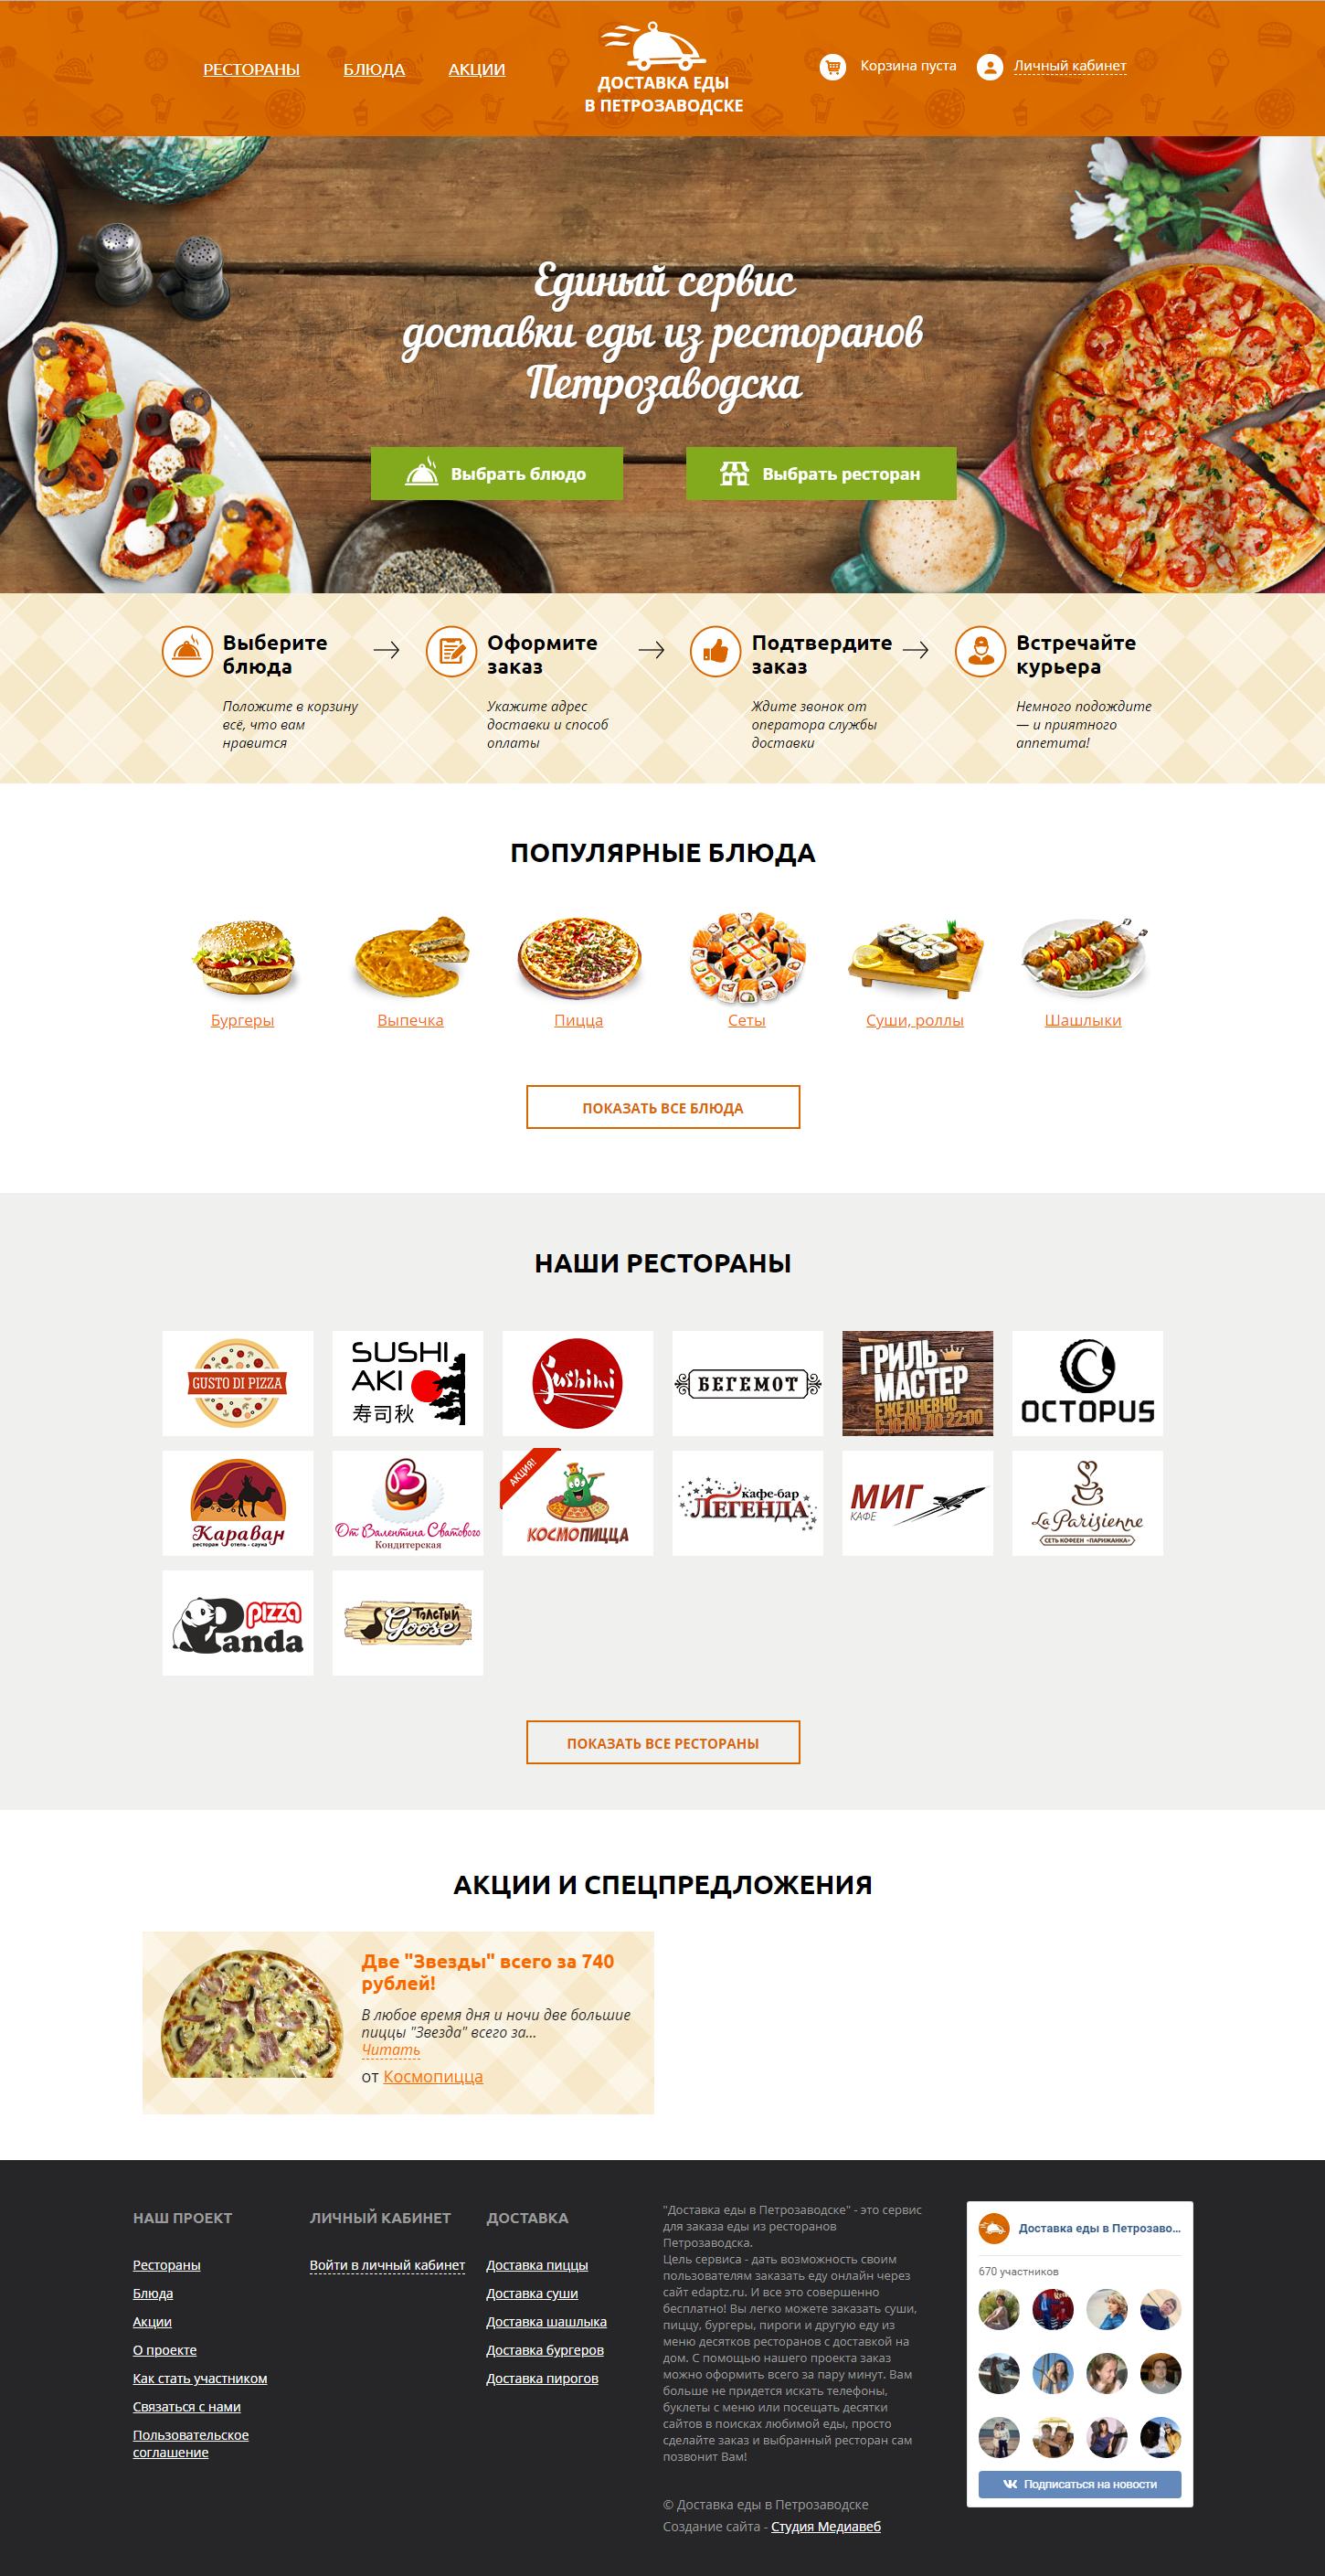 Дизайн интернет магазина для доставки еды